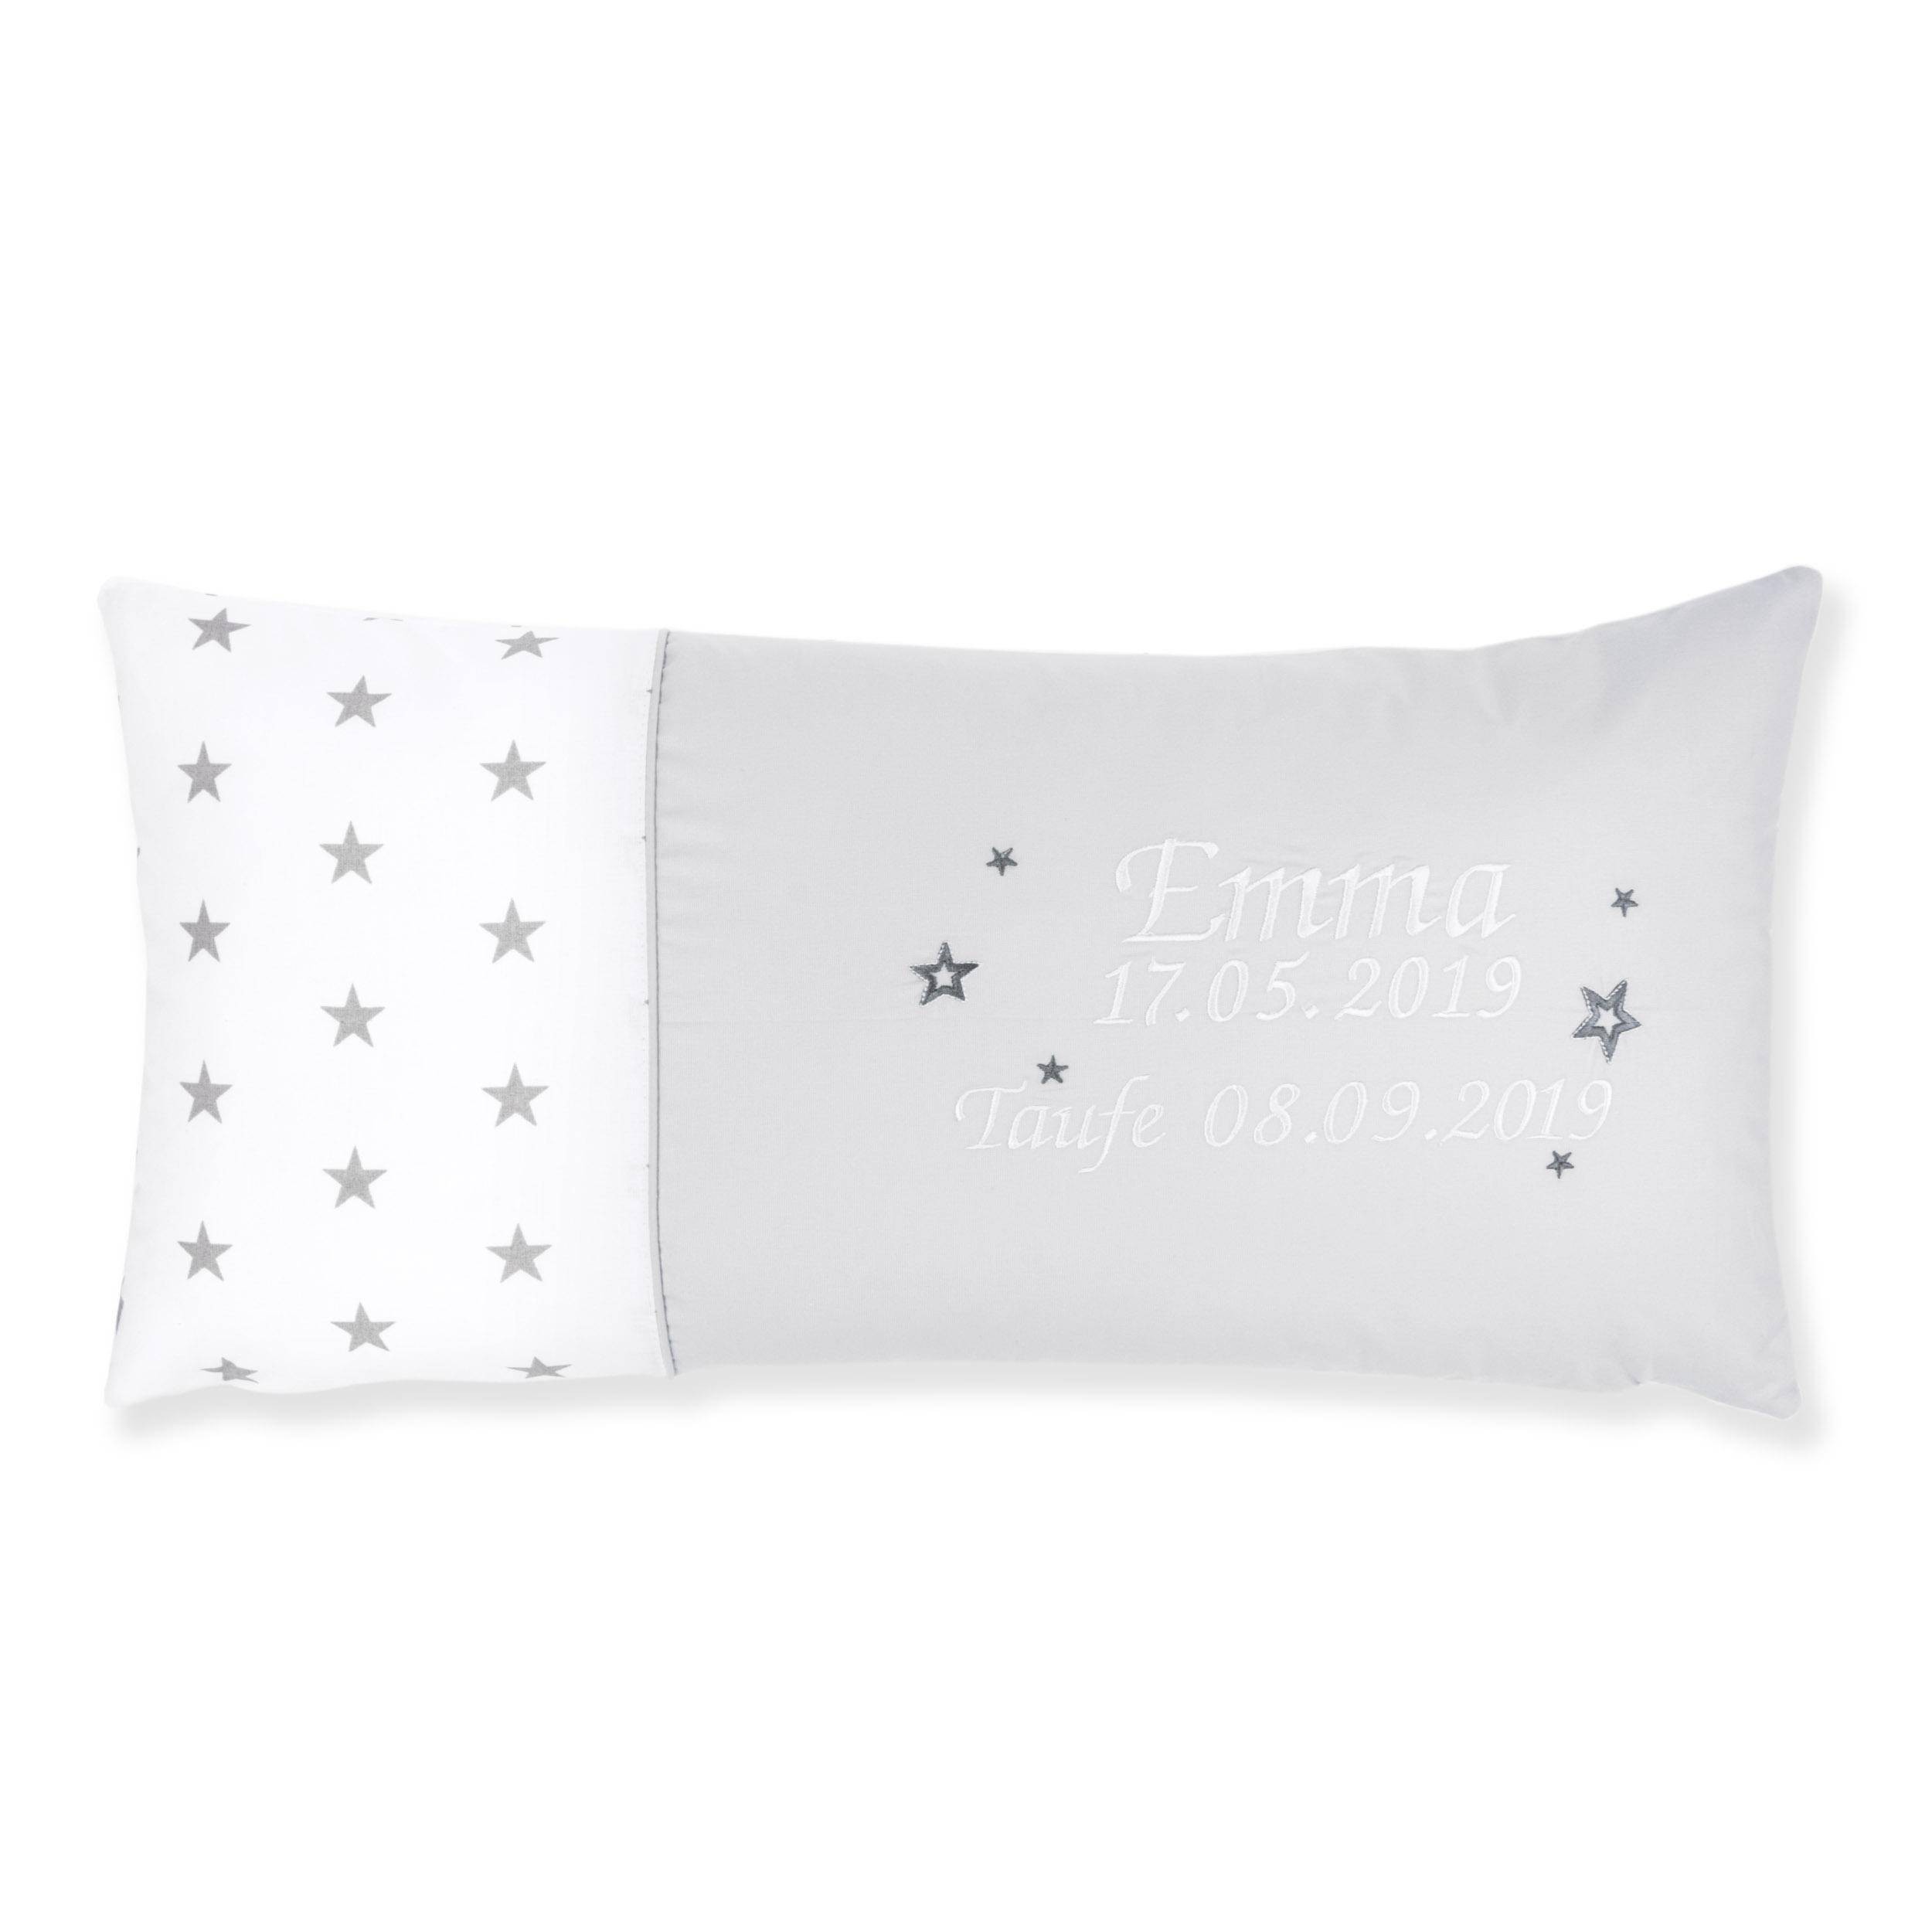 Kissen 60 x 30 cm mit Namen Datum Sternchen Weiß Hellgrau